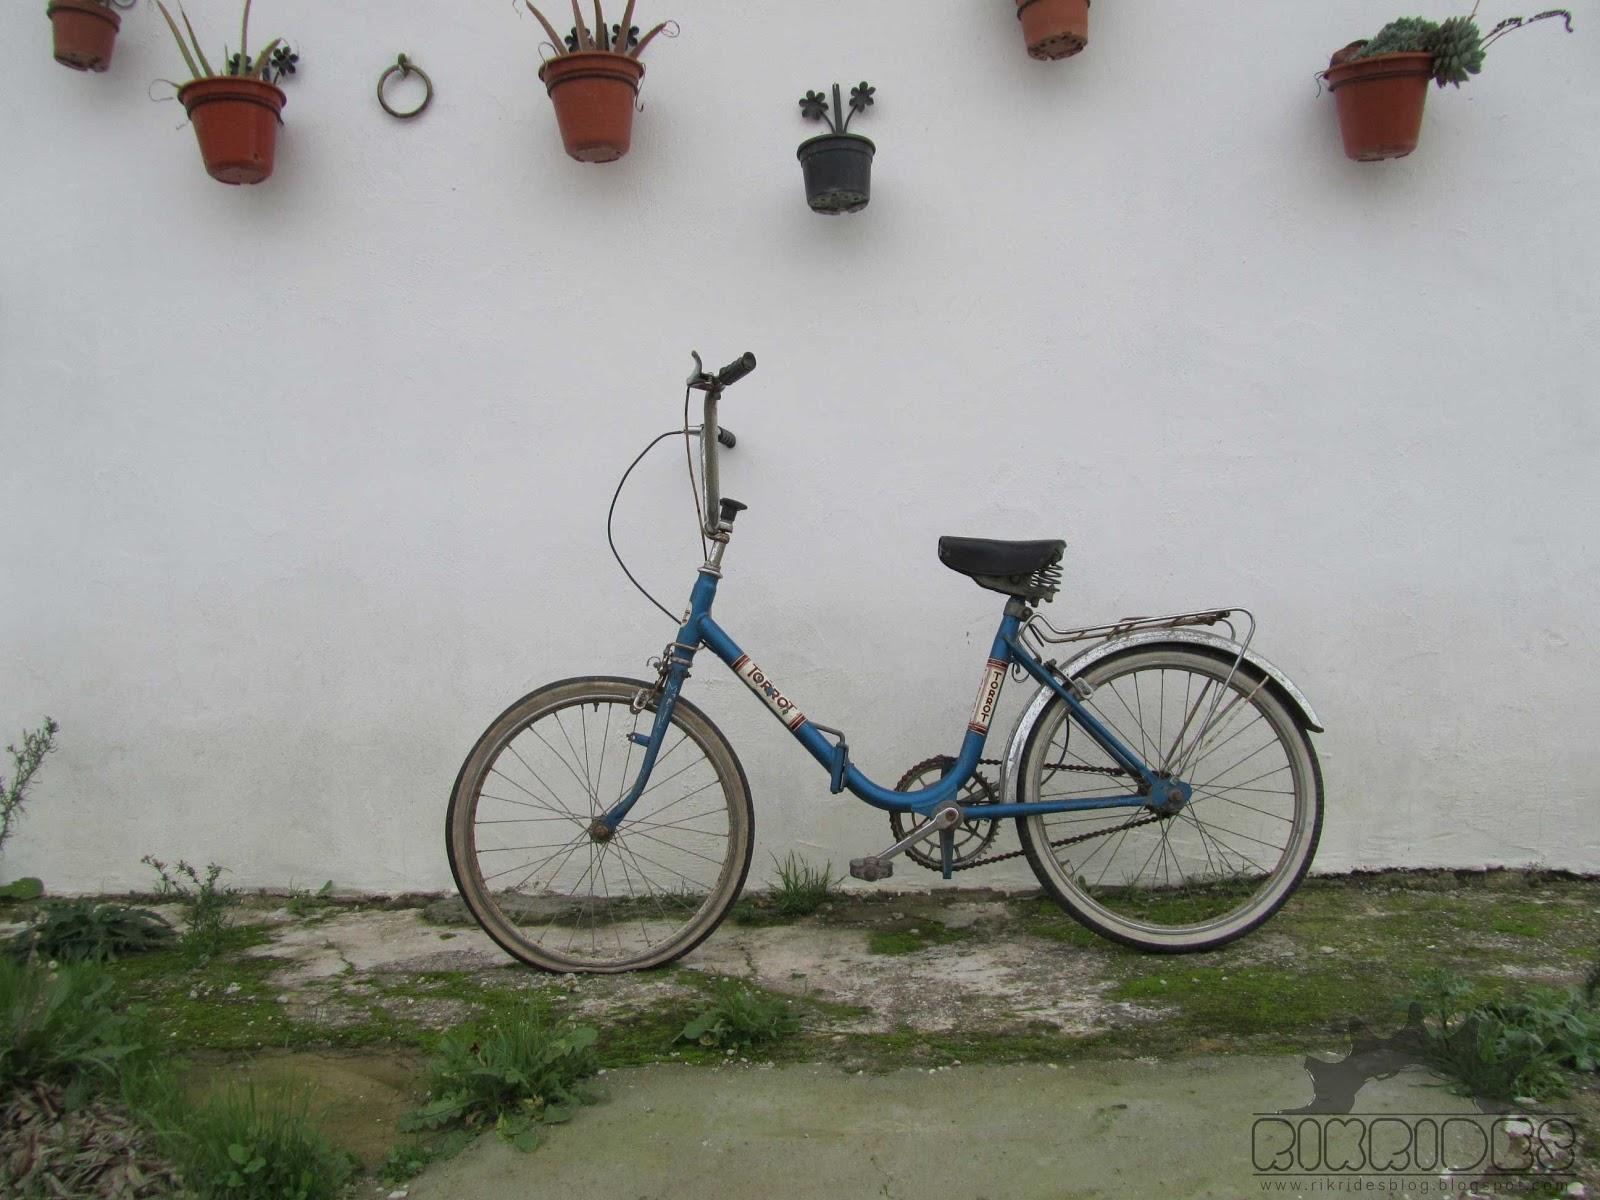 Nueva adquisici n torrot plegable rik rides for Bicicletas antiguas nuevas